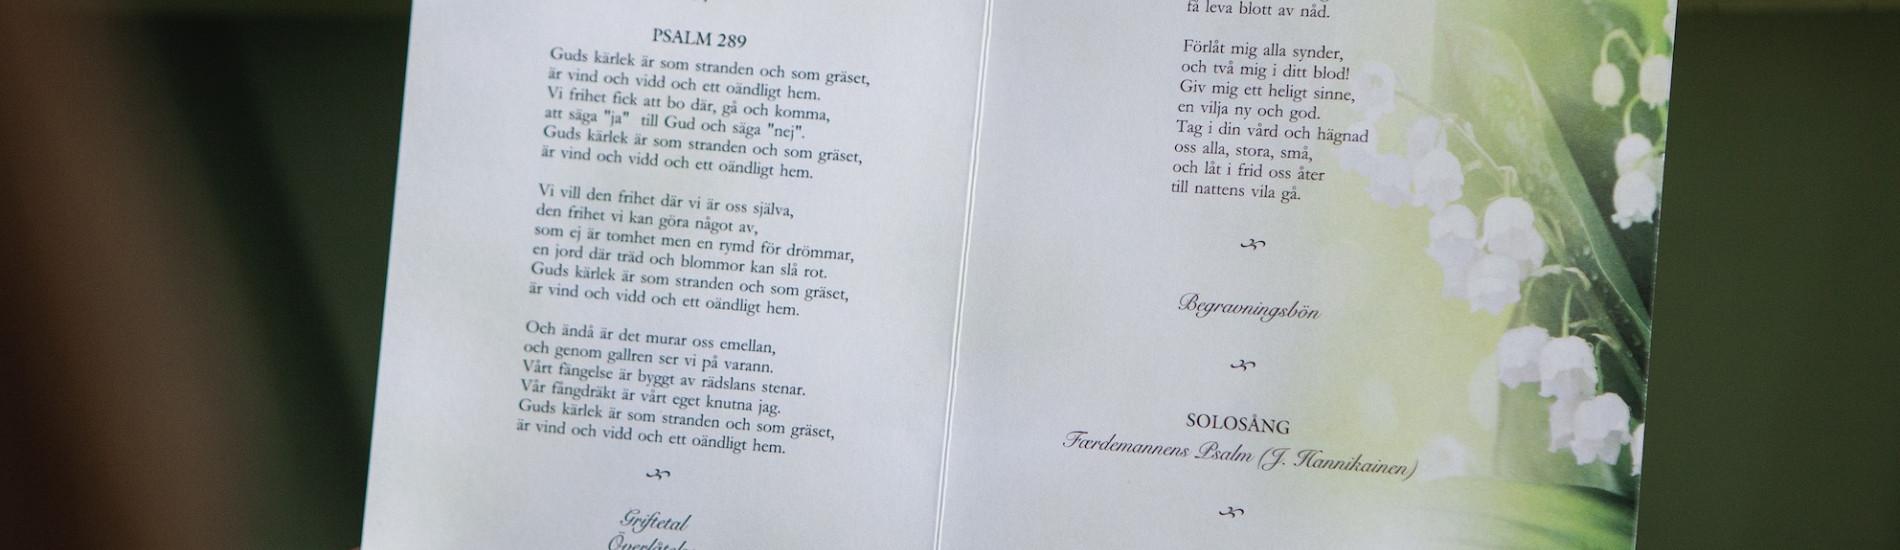 psalmer till begravning